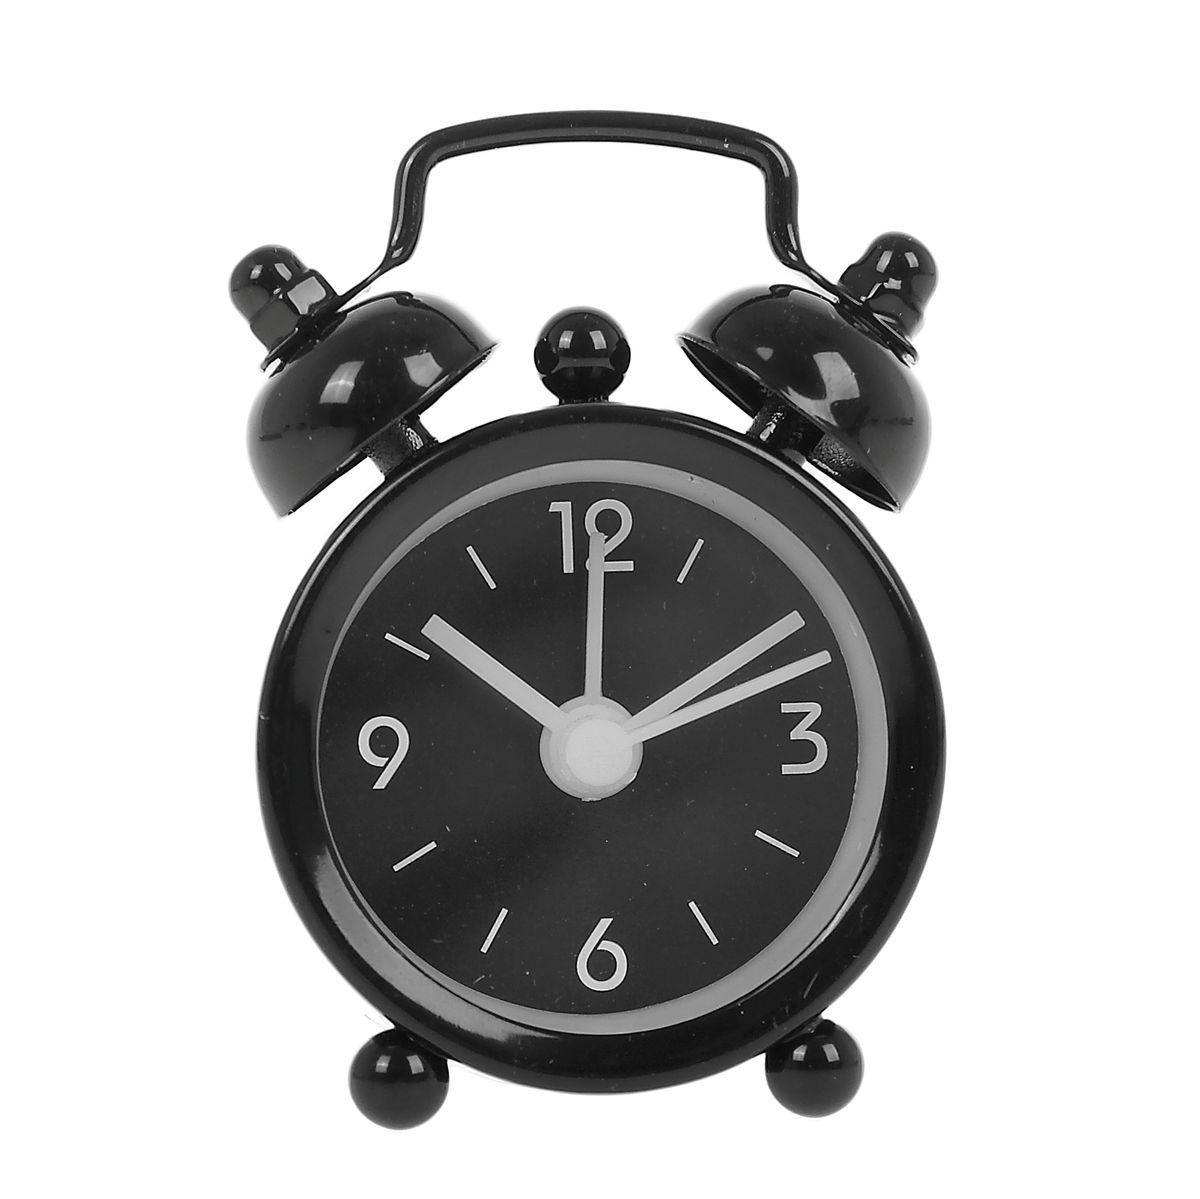 Часы-будильник Sima-land Супермини, цвет: черныйIR-3350Как же сложно иногда вставать вовремя! Всегда так хочется поспать еще хотя бы 5 минут и бывает, что мы просыпаем. Теперь этого не случится! Яркий, оригинальный мини-будильник Sima-land поможет вам всегда вставать в нужное время и успевать везде и всюду.Корпус будильника выполнен из металла. Часы снабжены 4 стрелками (секундная, минутная, часовая и для будильника). На задней панели будильника расположен переключатель включения/выключения механизма, а также два колесика для настройки текущего времени и времени звонка будильника. Пользоваться будильником очень легко: нужно всего лишь поставить батарейку, настроить точное время и установить время звонка. Часы работают от 1 батарейки типа LR44 (входит в комплект).